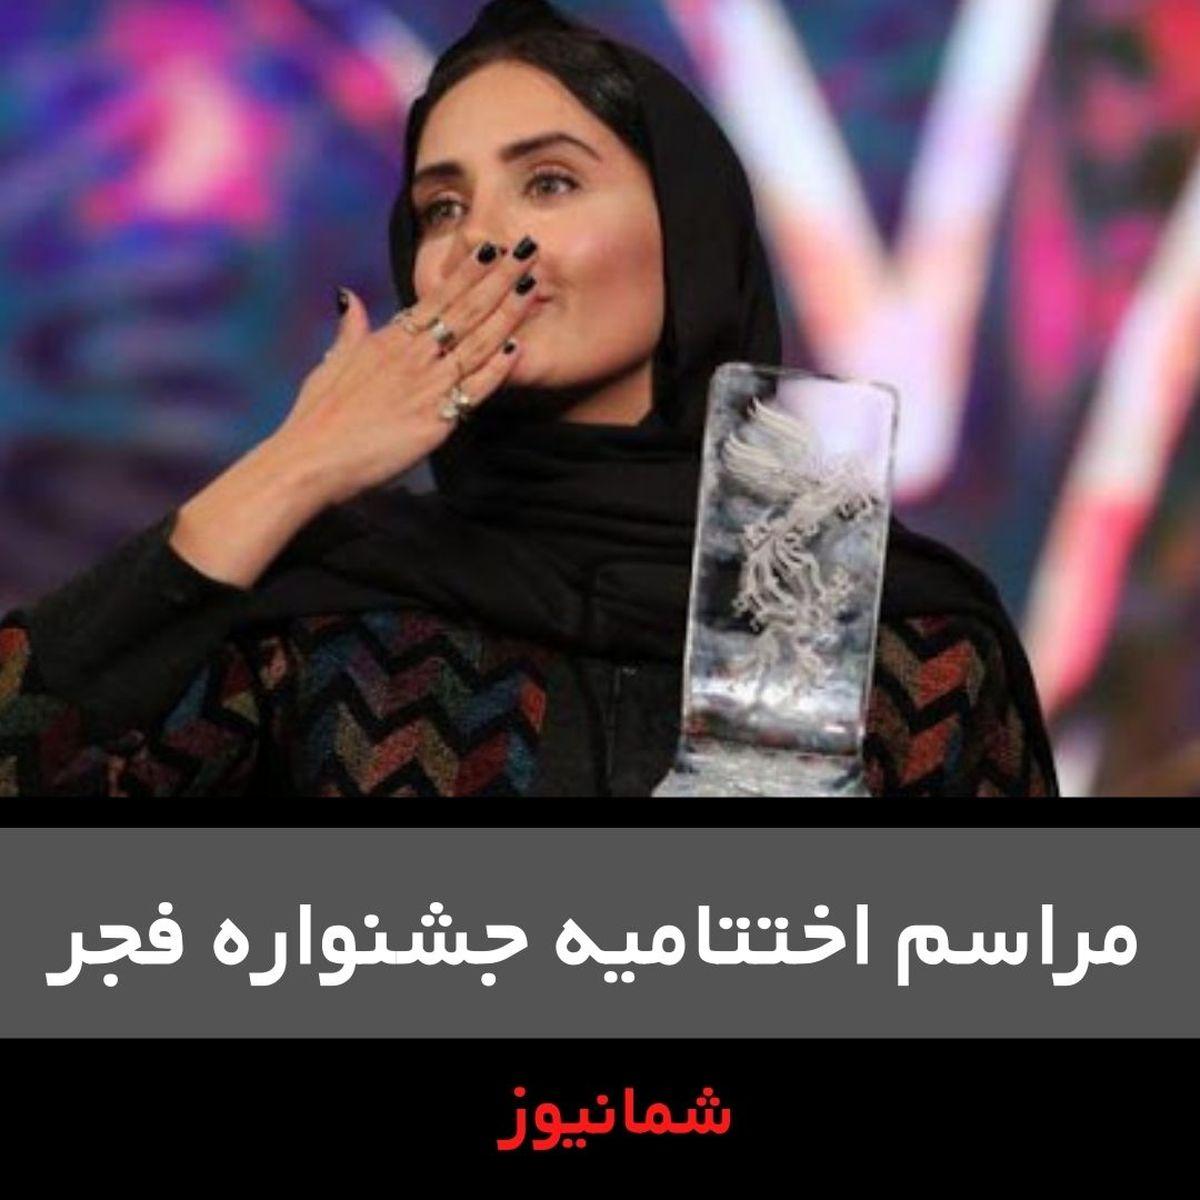 برترین بازیگر مرد و زن جشنواره فیلم فجر + عکس و فیلم